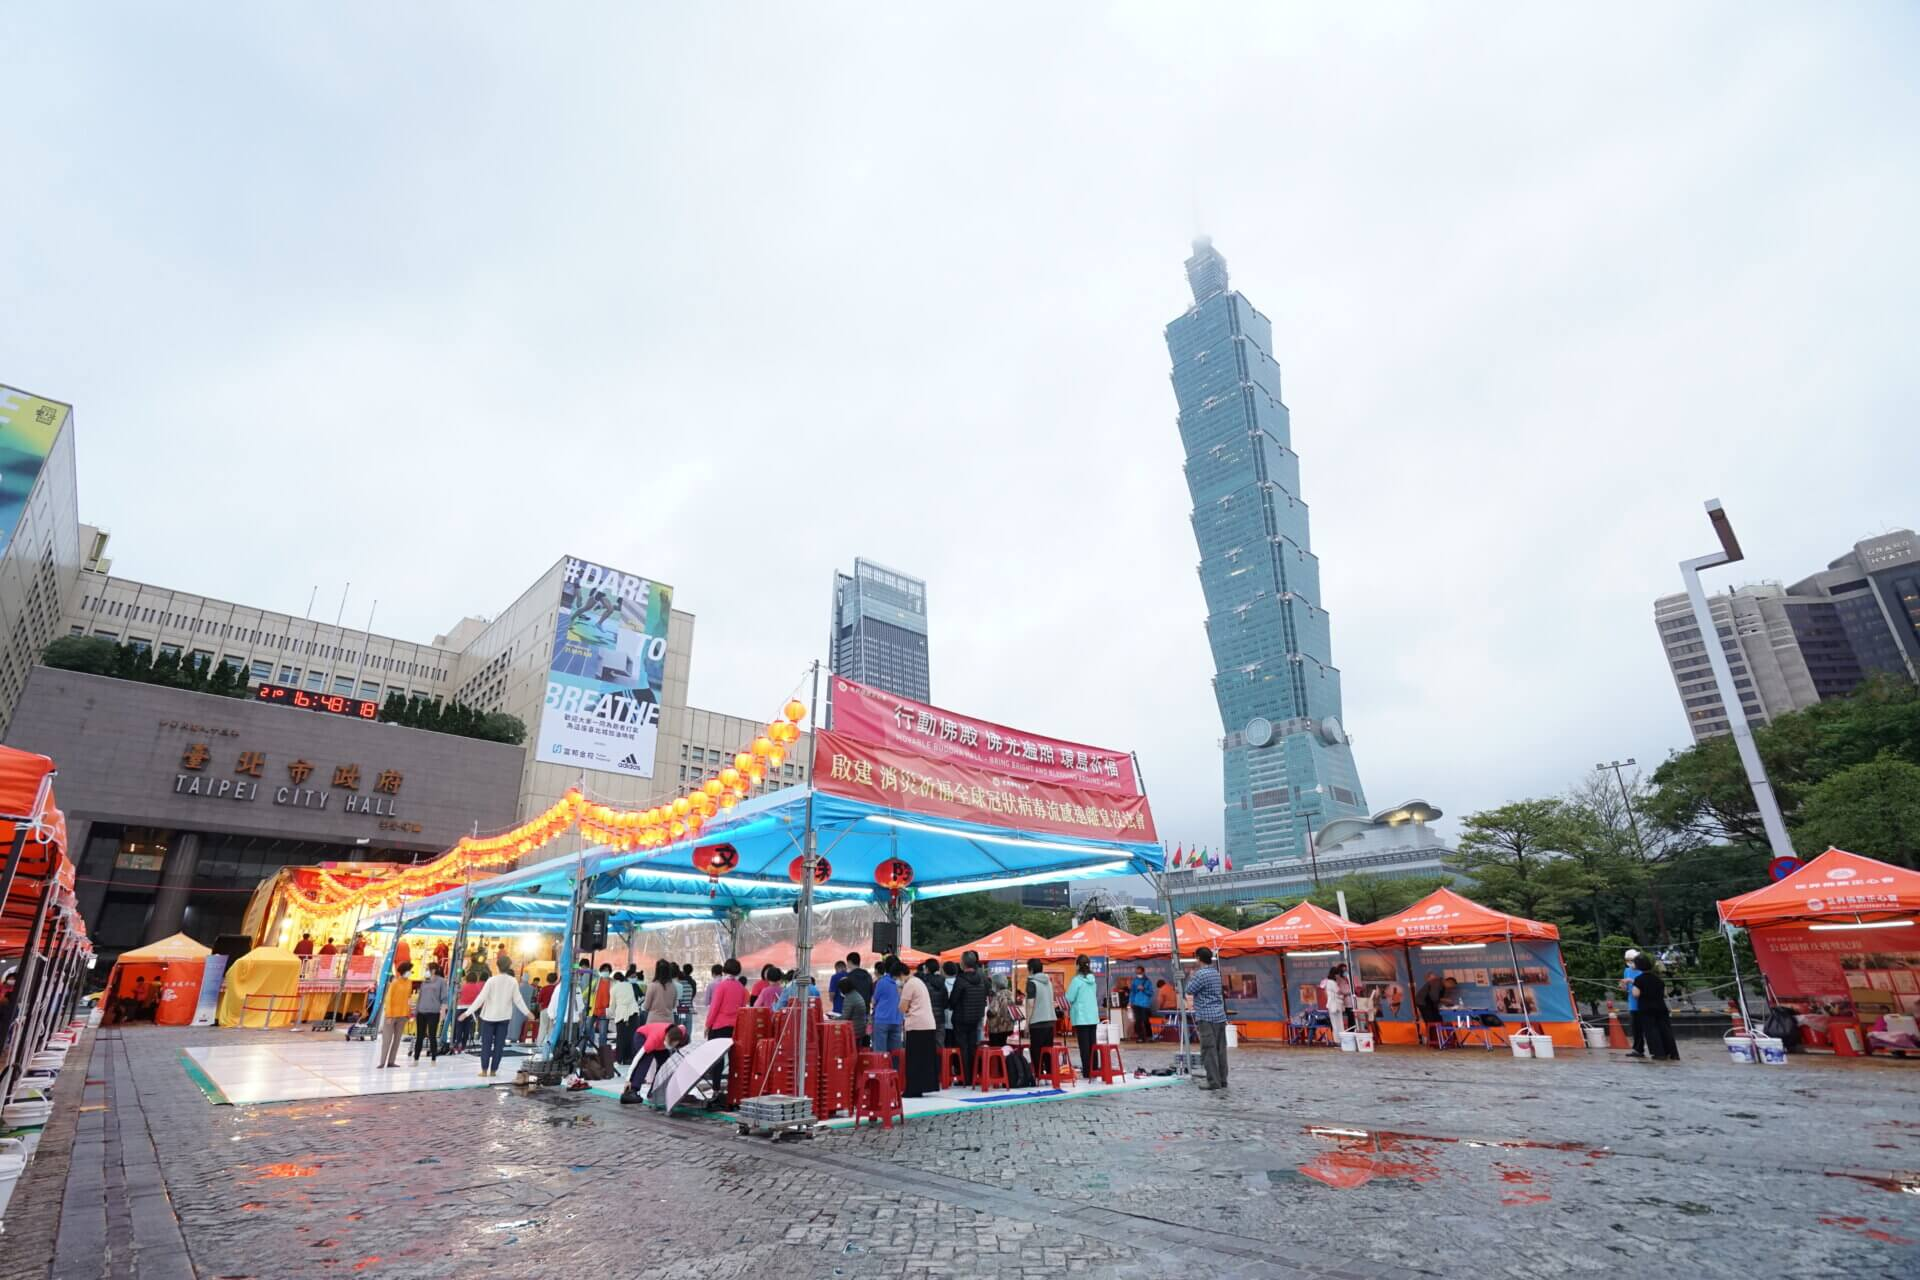 行動佛殿112站台北市政府《啟建 消災祈福全球冠狀病毒流感遠離息沒法會》